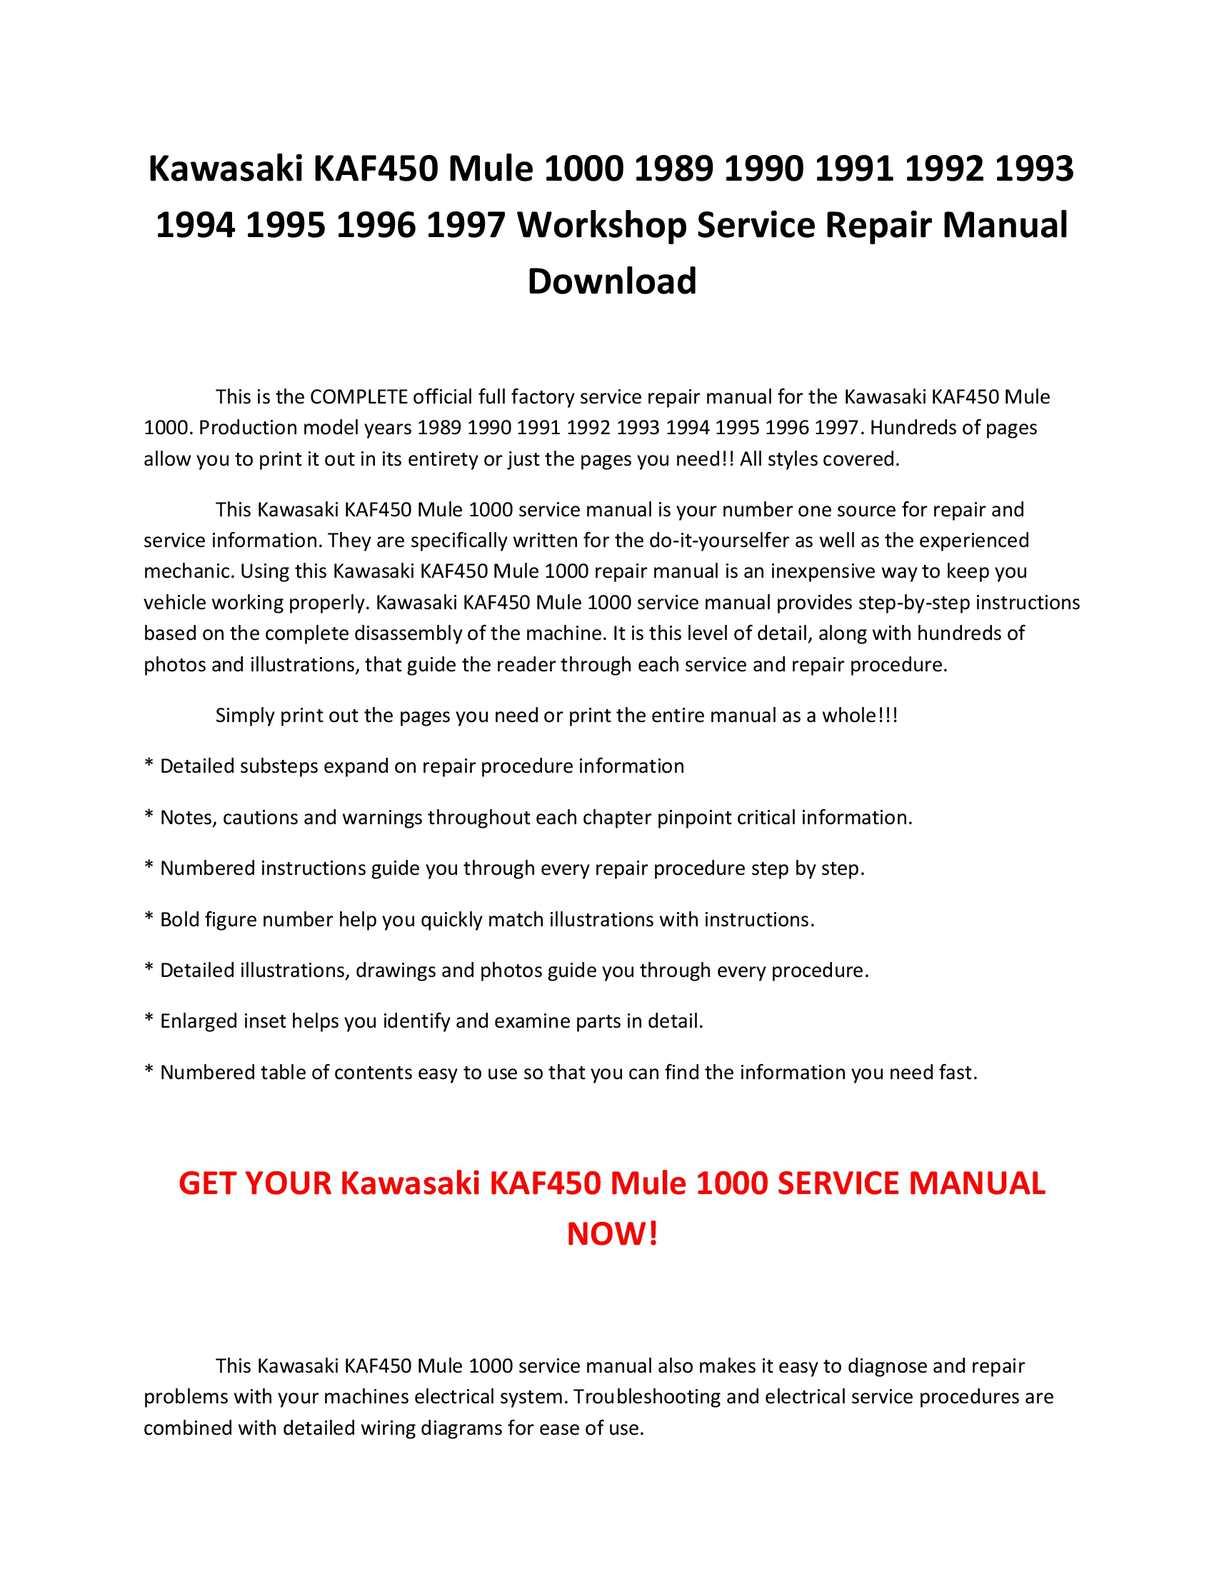 calaméo kawasaki kaf450 mule 1000 1989 1990 1991 1992 1993 1994 calaméo kawasaki kaf450 mule 1000 1989 1990 1991 1992 1993 1994 1995 1996 1997 service repair manual pdf